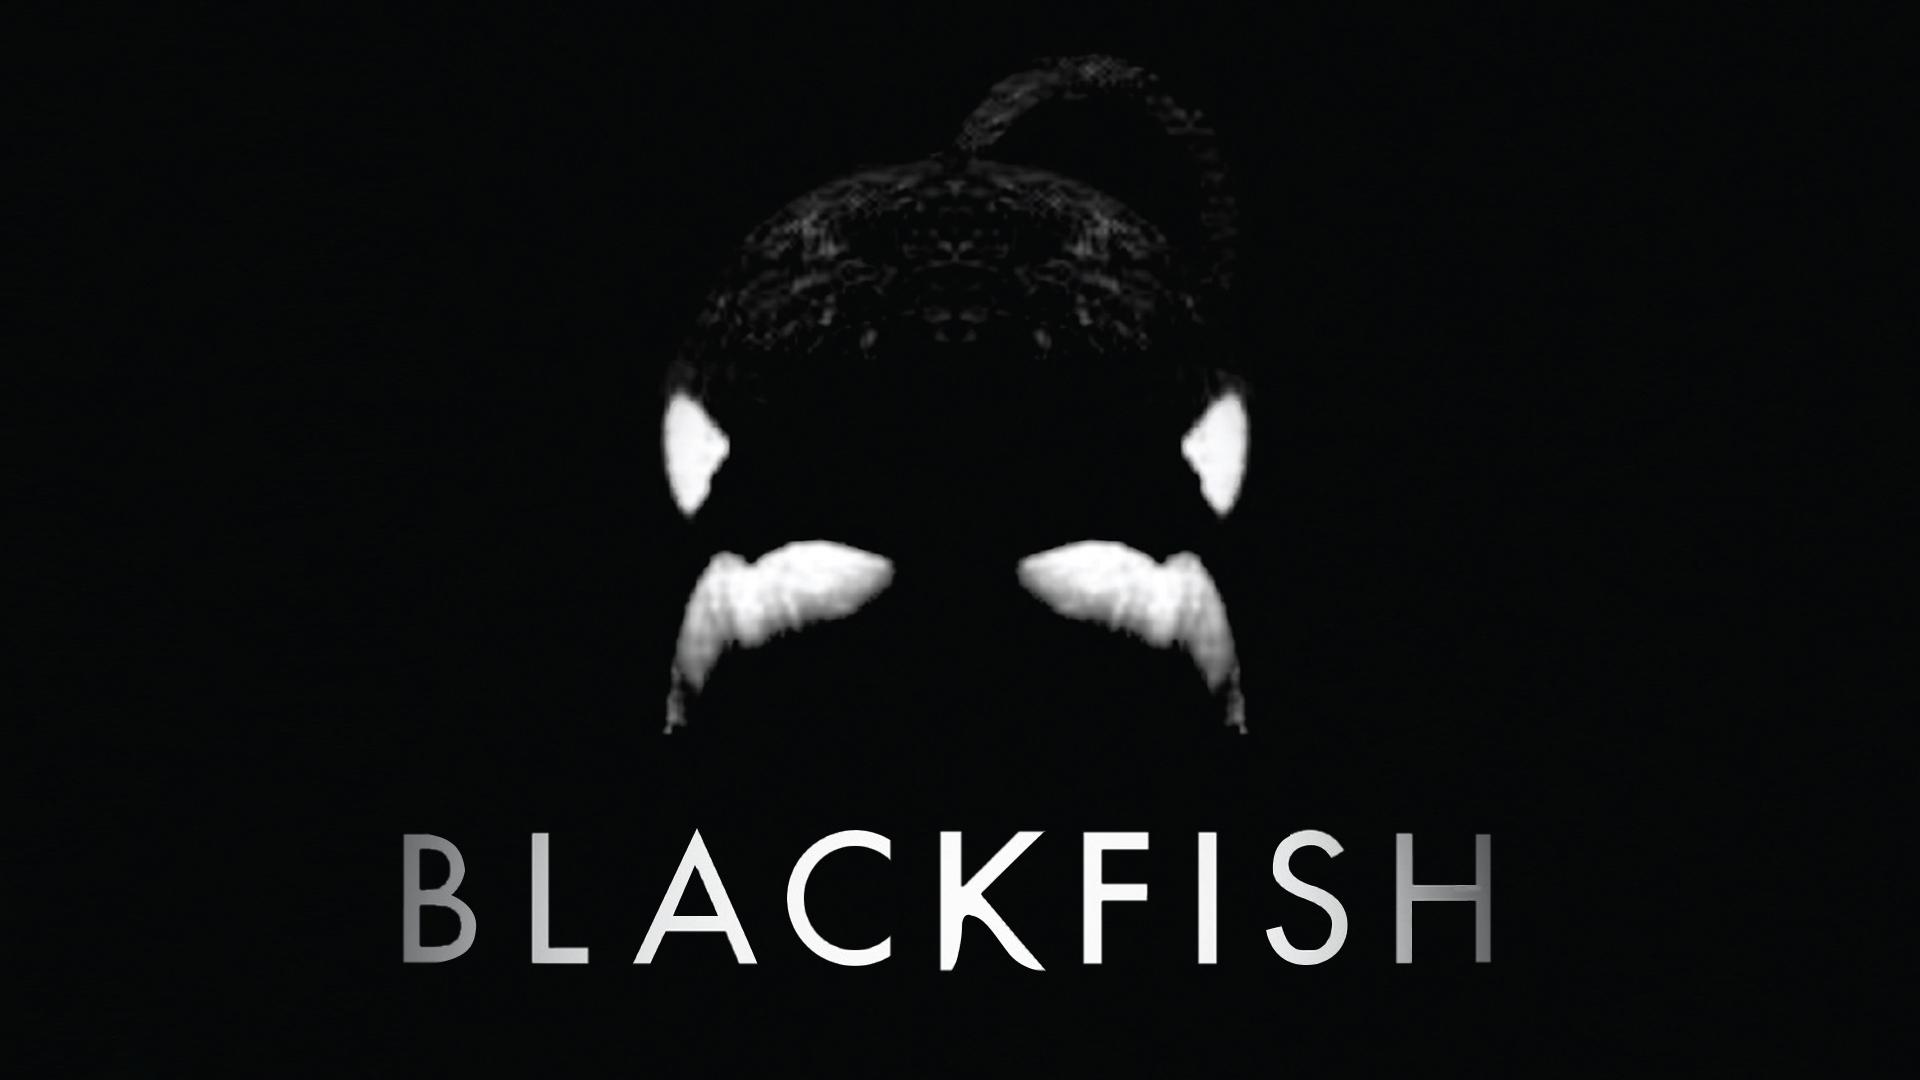 ブラックフィッシユ:「殺人シャチ」と呼ばれた黒き悲しき生物(字幕版)